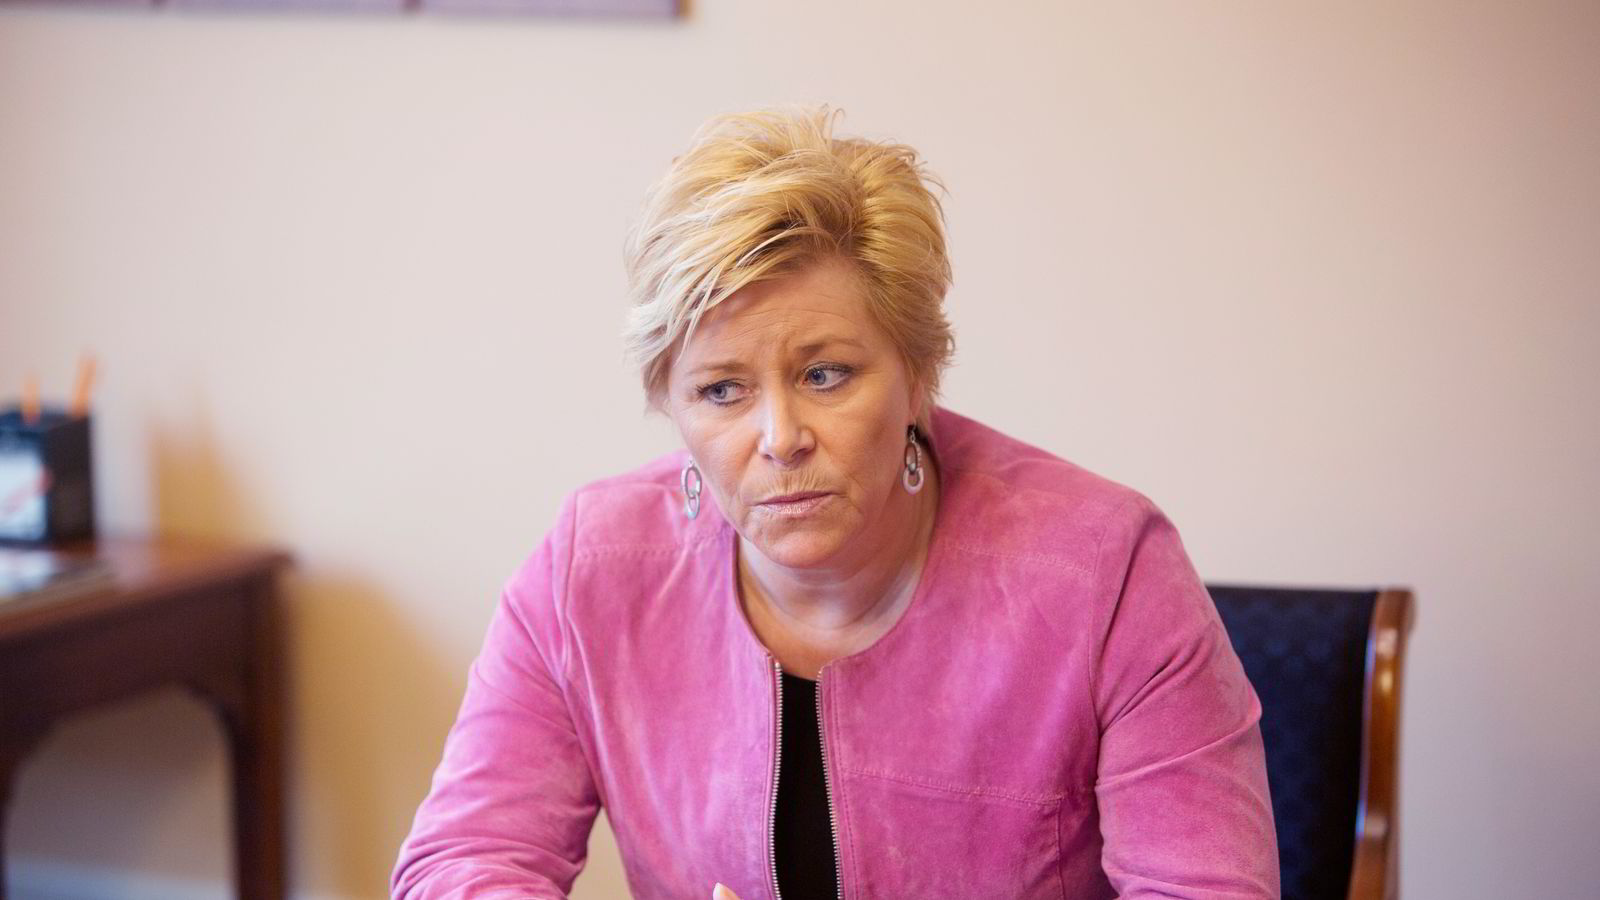 Finansdepartementet og finansminister Siv Jensen (Frp) ber Finanstilsynet vurdere om det er hensiktsmessig å iverksette tiltak for å dempe boliglånsveksten. Foto: